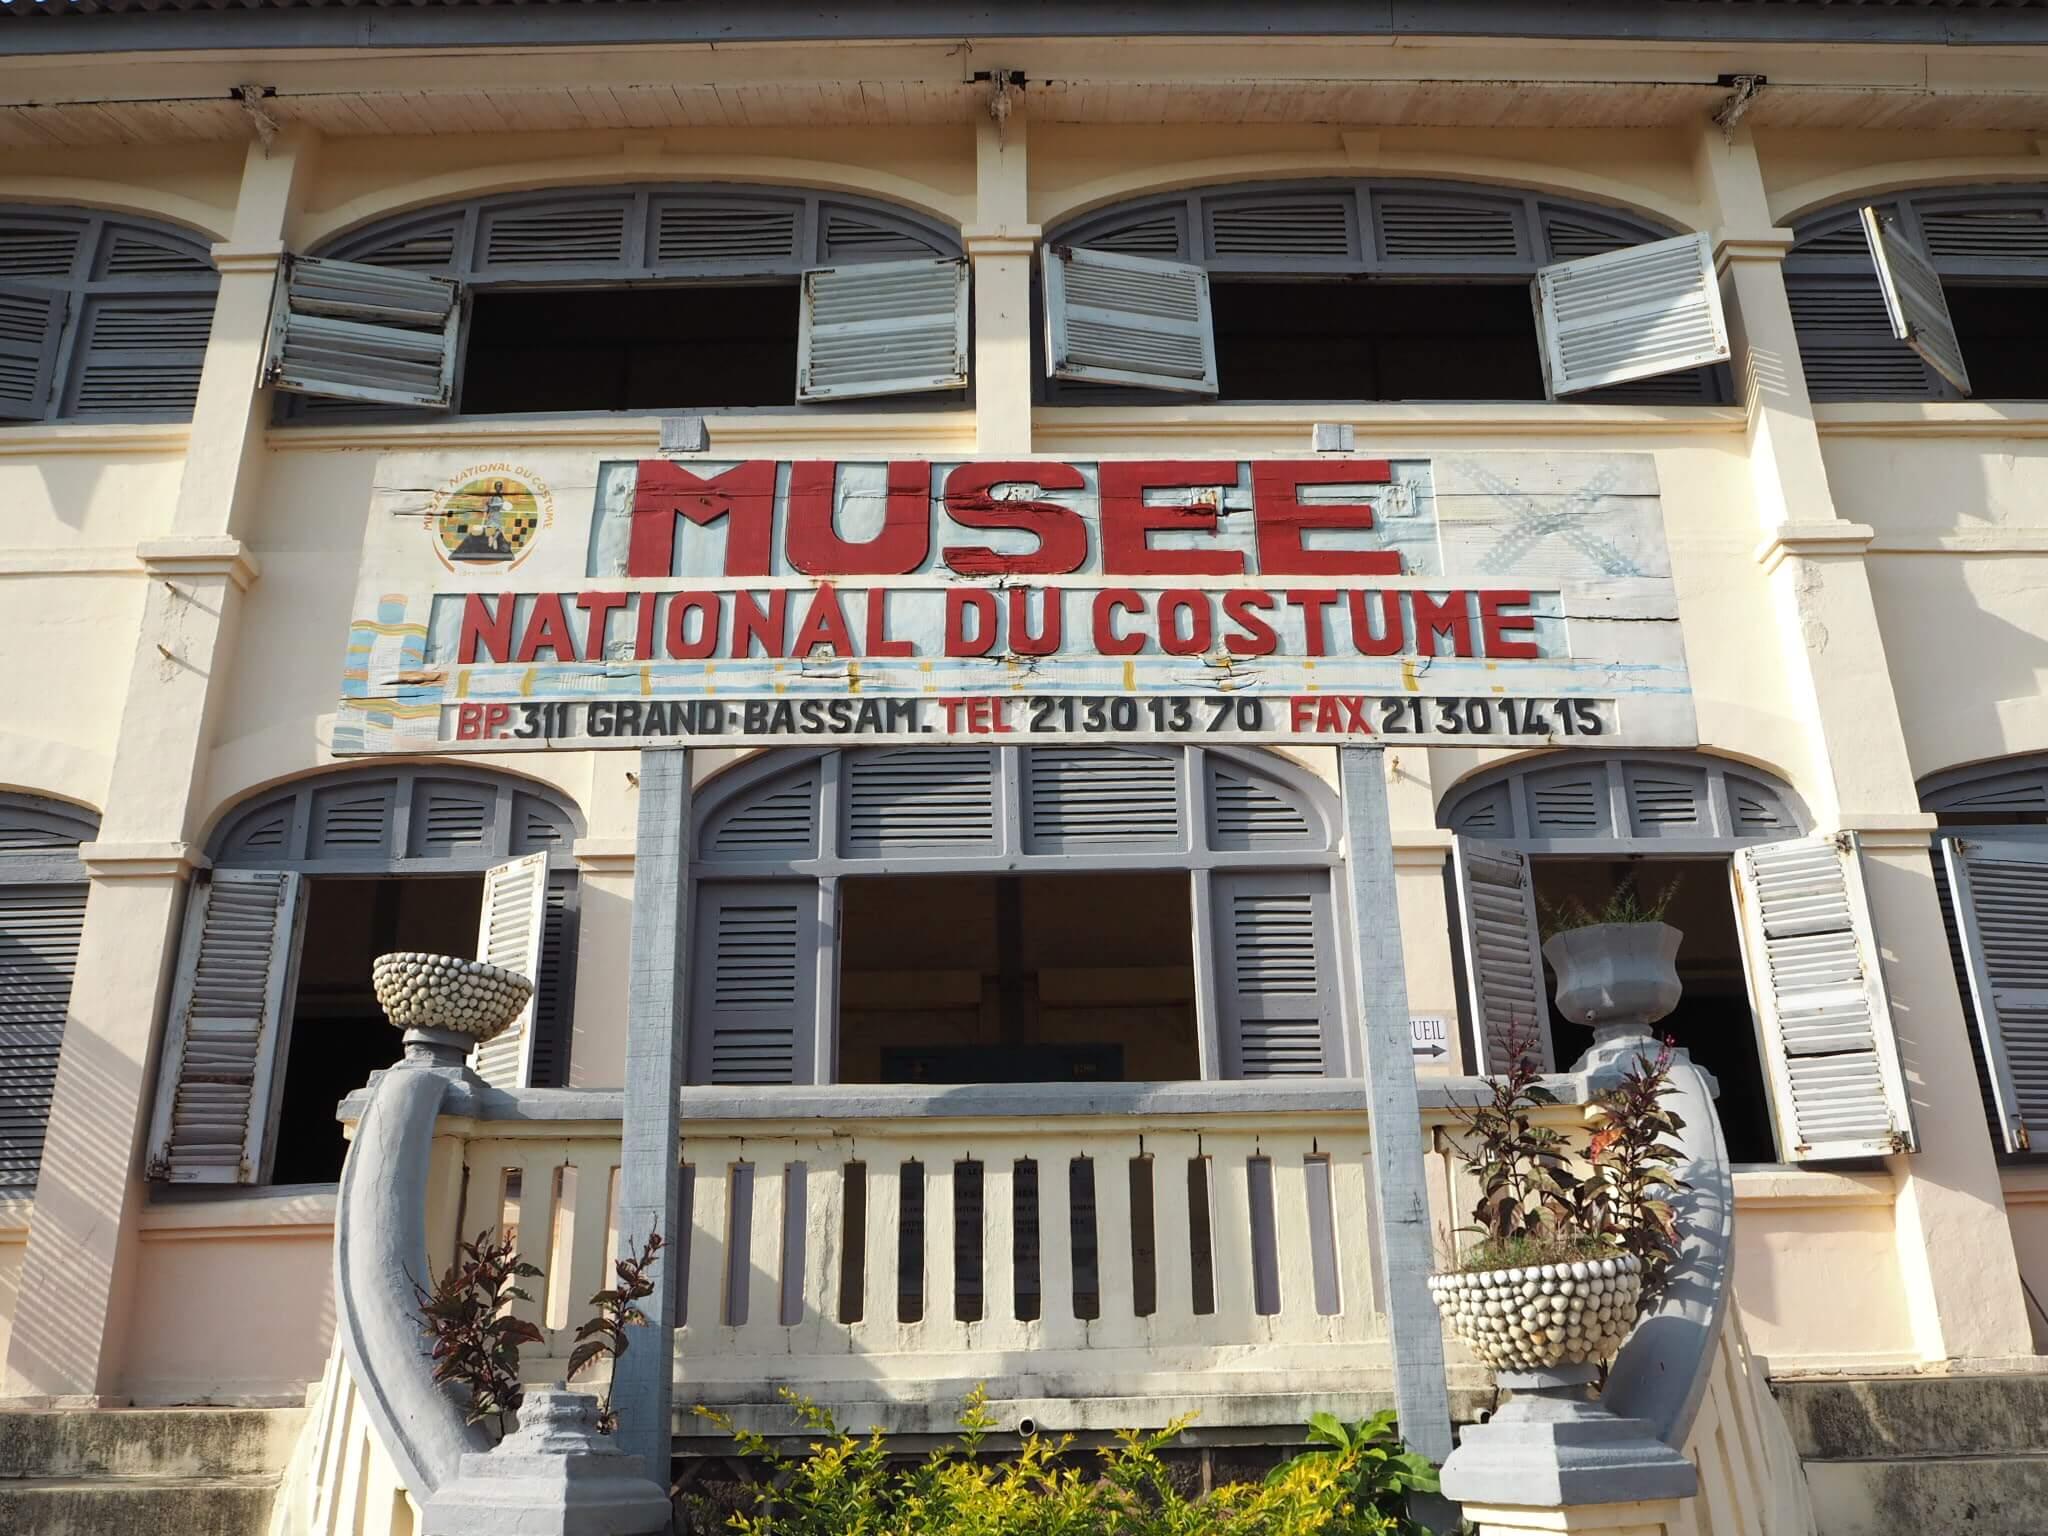 visiter le musée du costume pour savoir quoi faire en cote d'ivoire